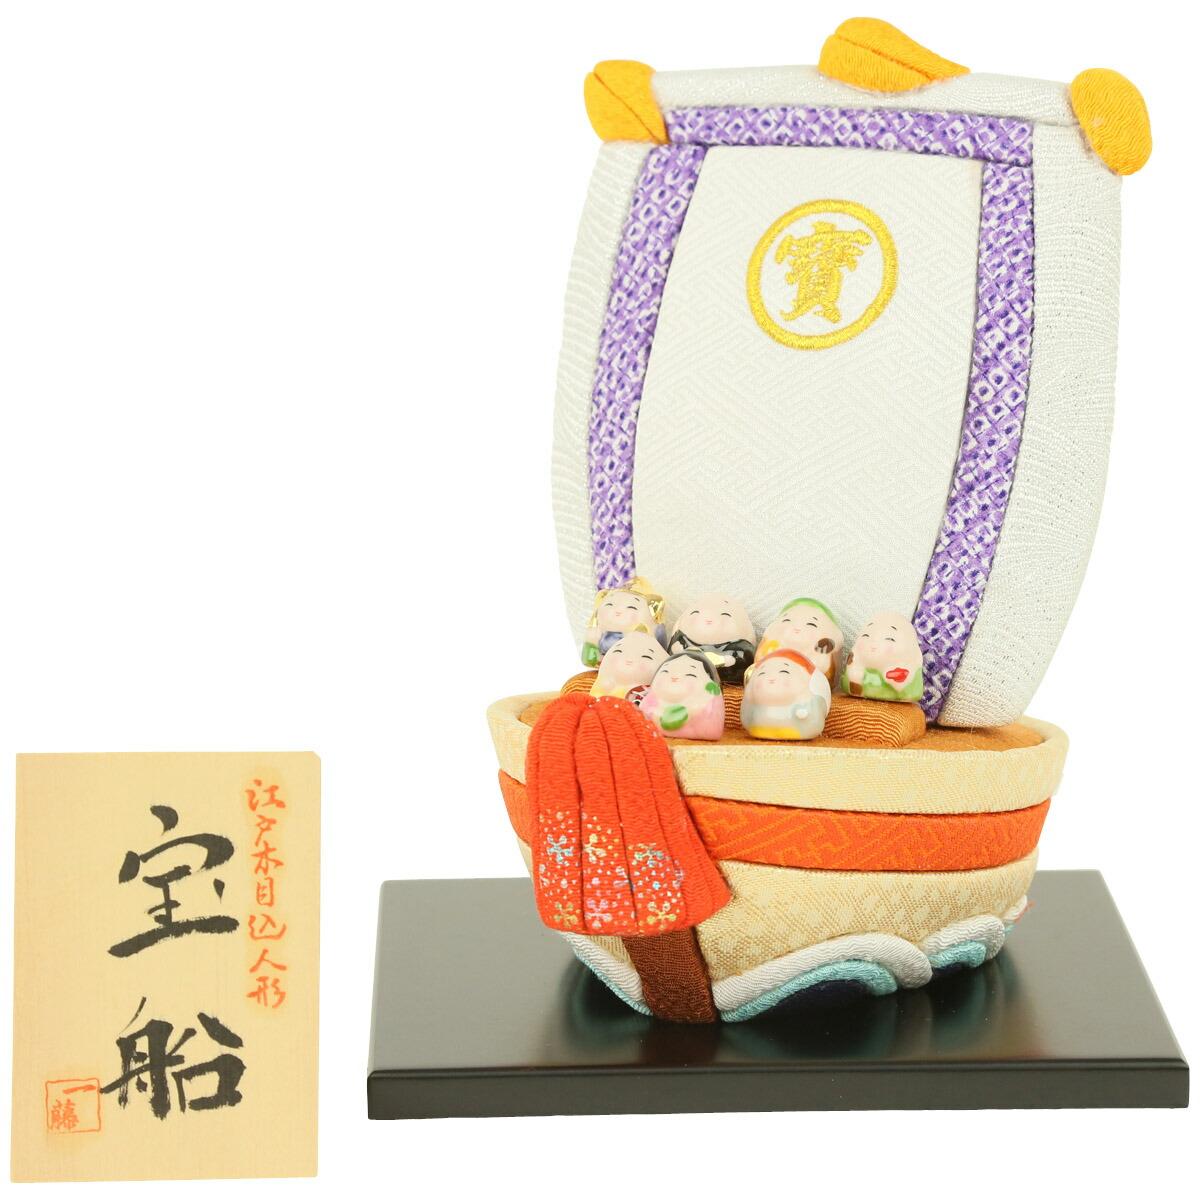 金運アップ 幸せの門出をお祝いする宝船 格安 江戸木目込み 宝船 ギフト 木目込み人形 七福神